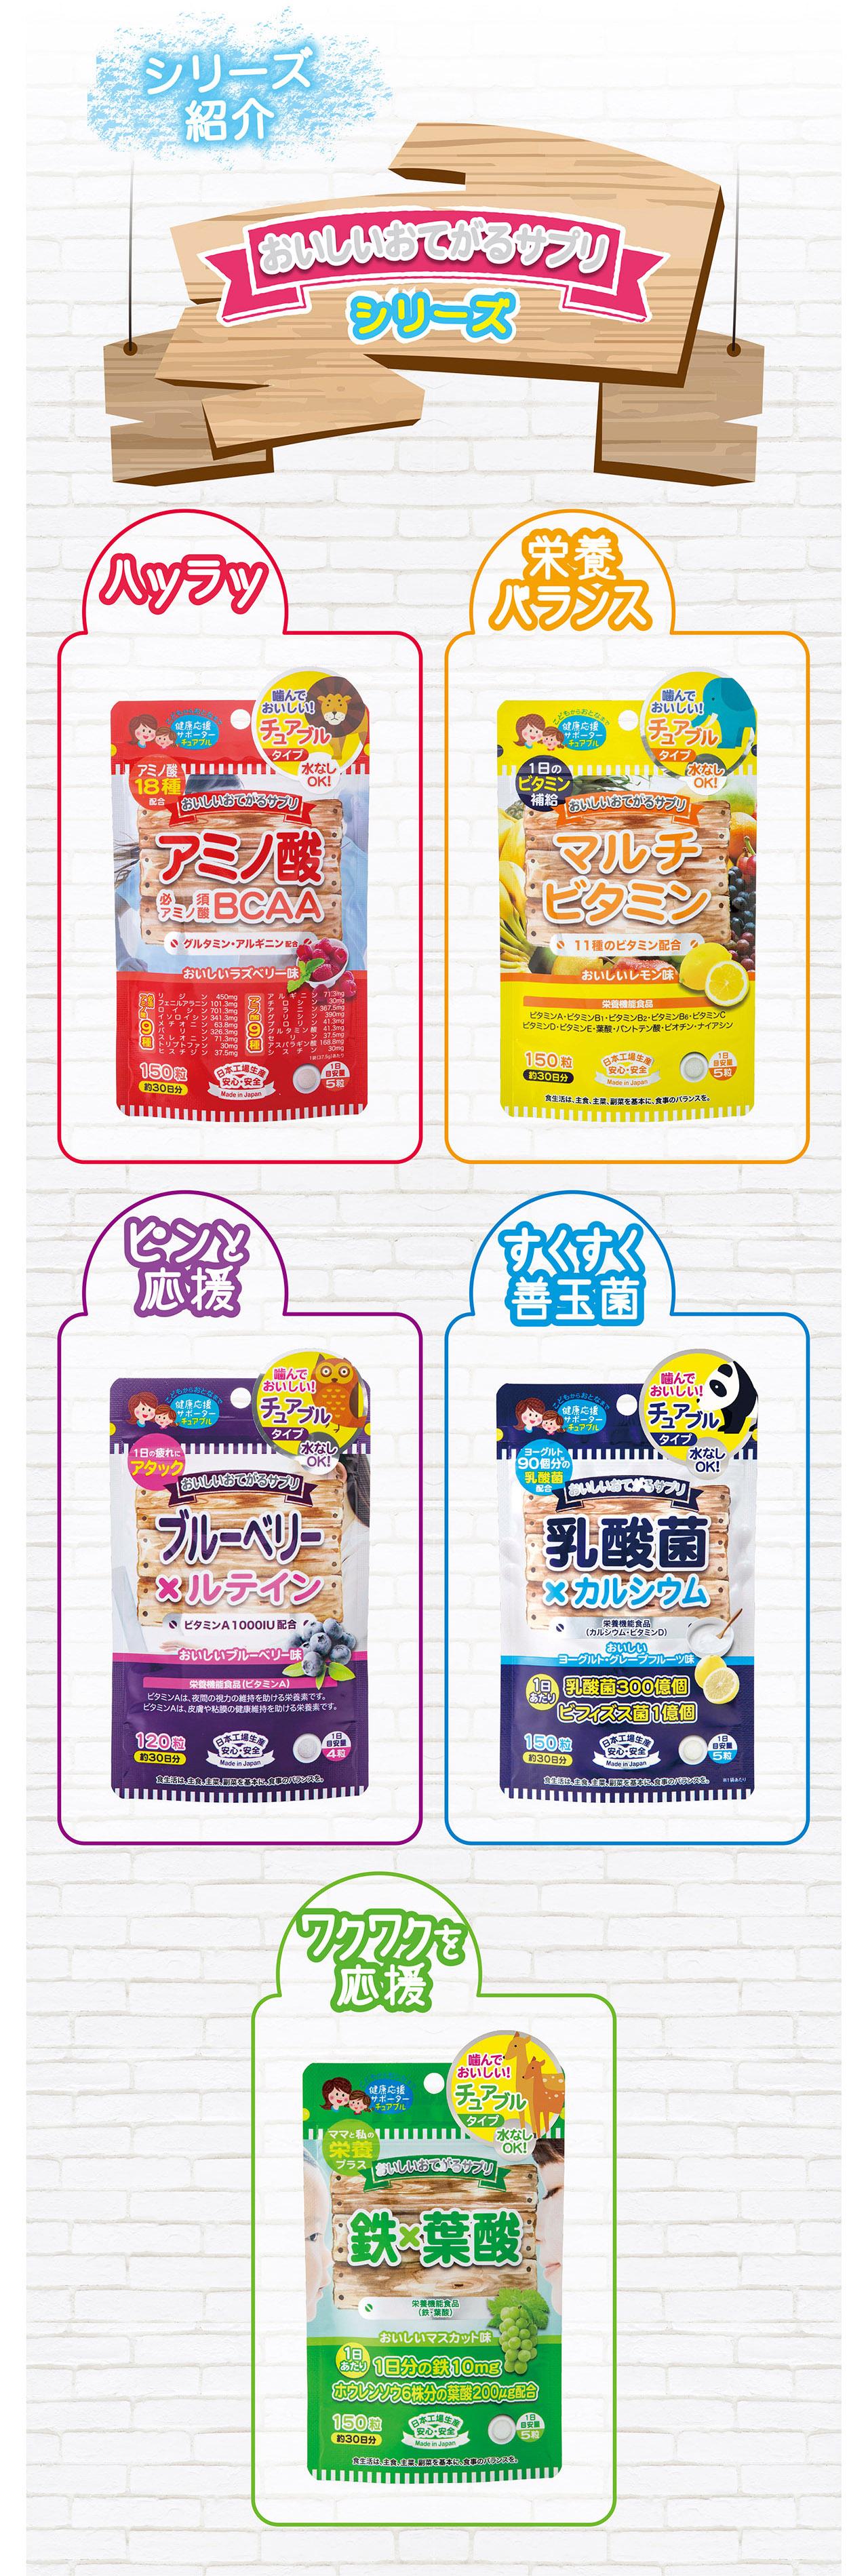 シリーズ紹介 ハツラツ 栄養バランス ピンと応援 すくすく善玉菌 ワクワクを応援